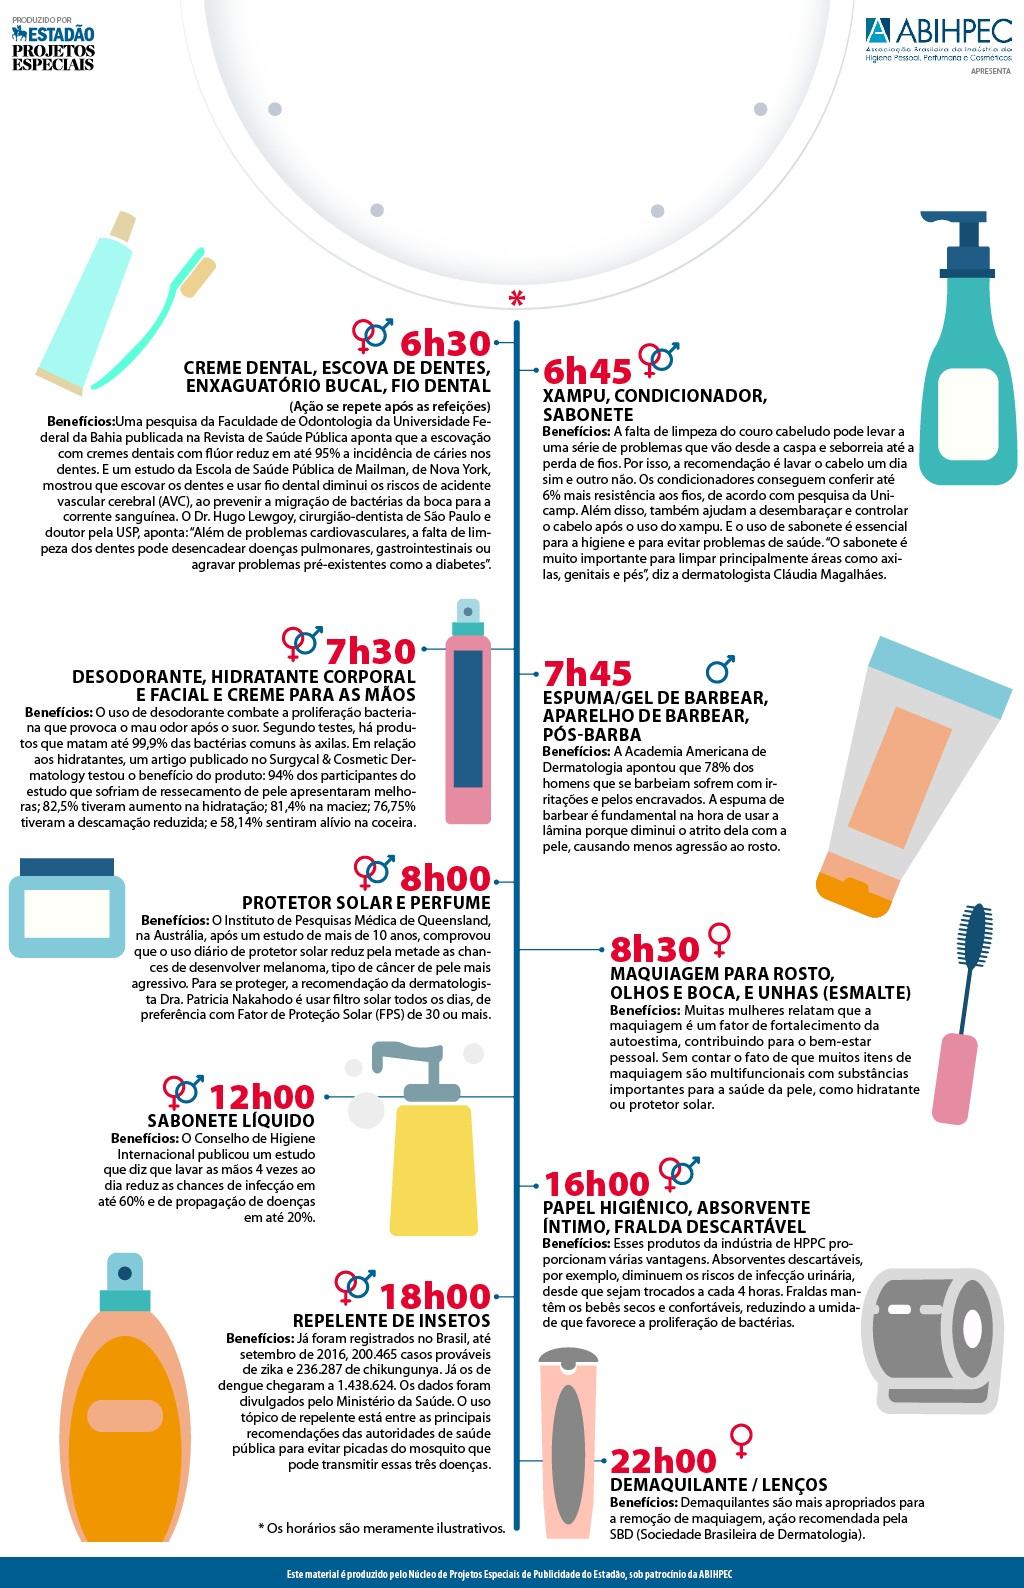 Top 24 horas de produtos de higiene pessoal, perfumaria e cosméticos HA81